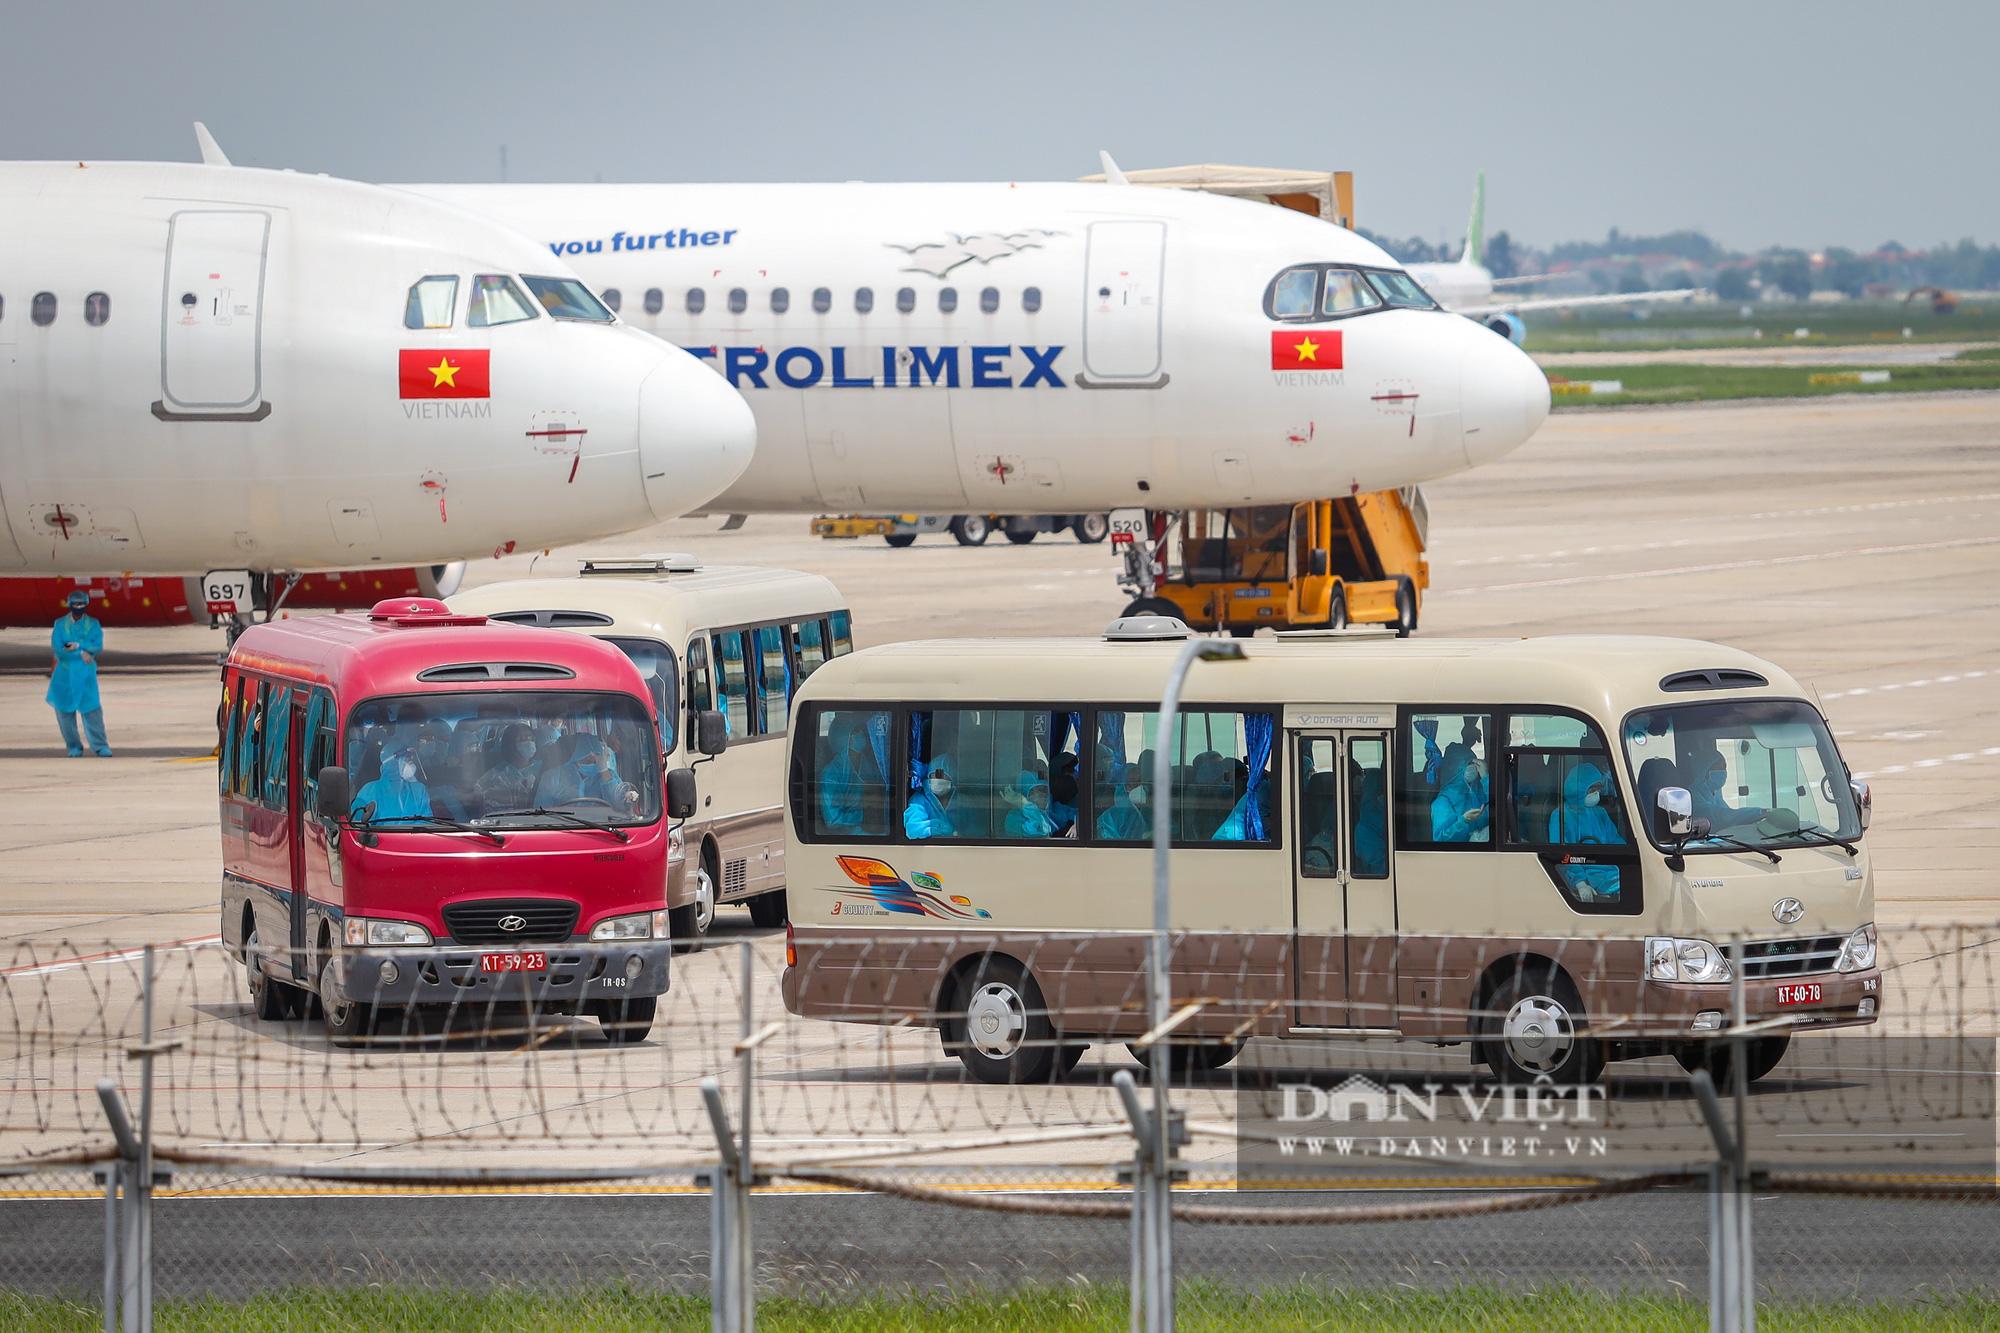 Chuyến bay đặc biệt đưa 207 người mắc kẹt ở Đà Nẵng về Hà Nội - Ảnh 10.